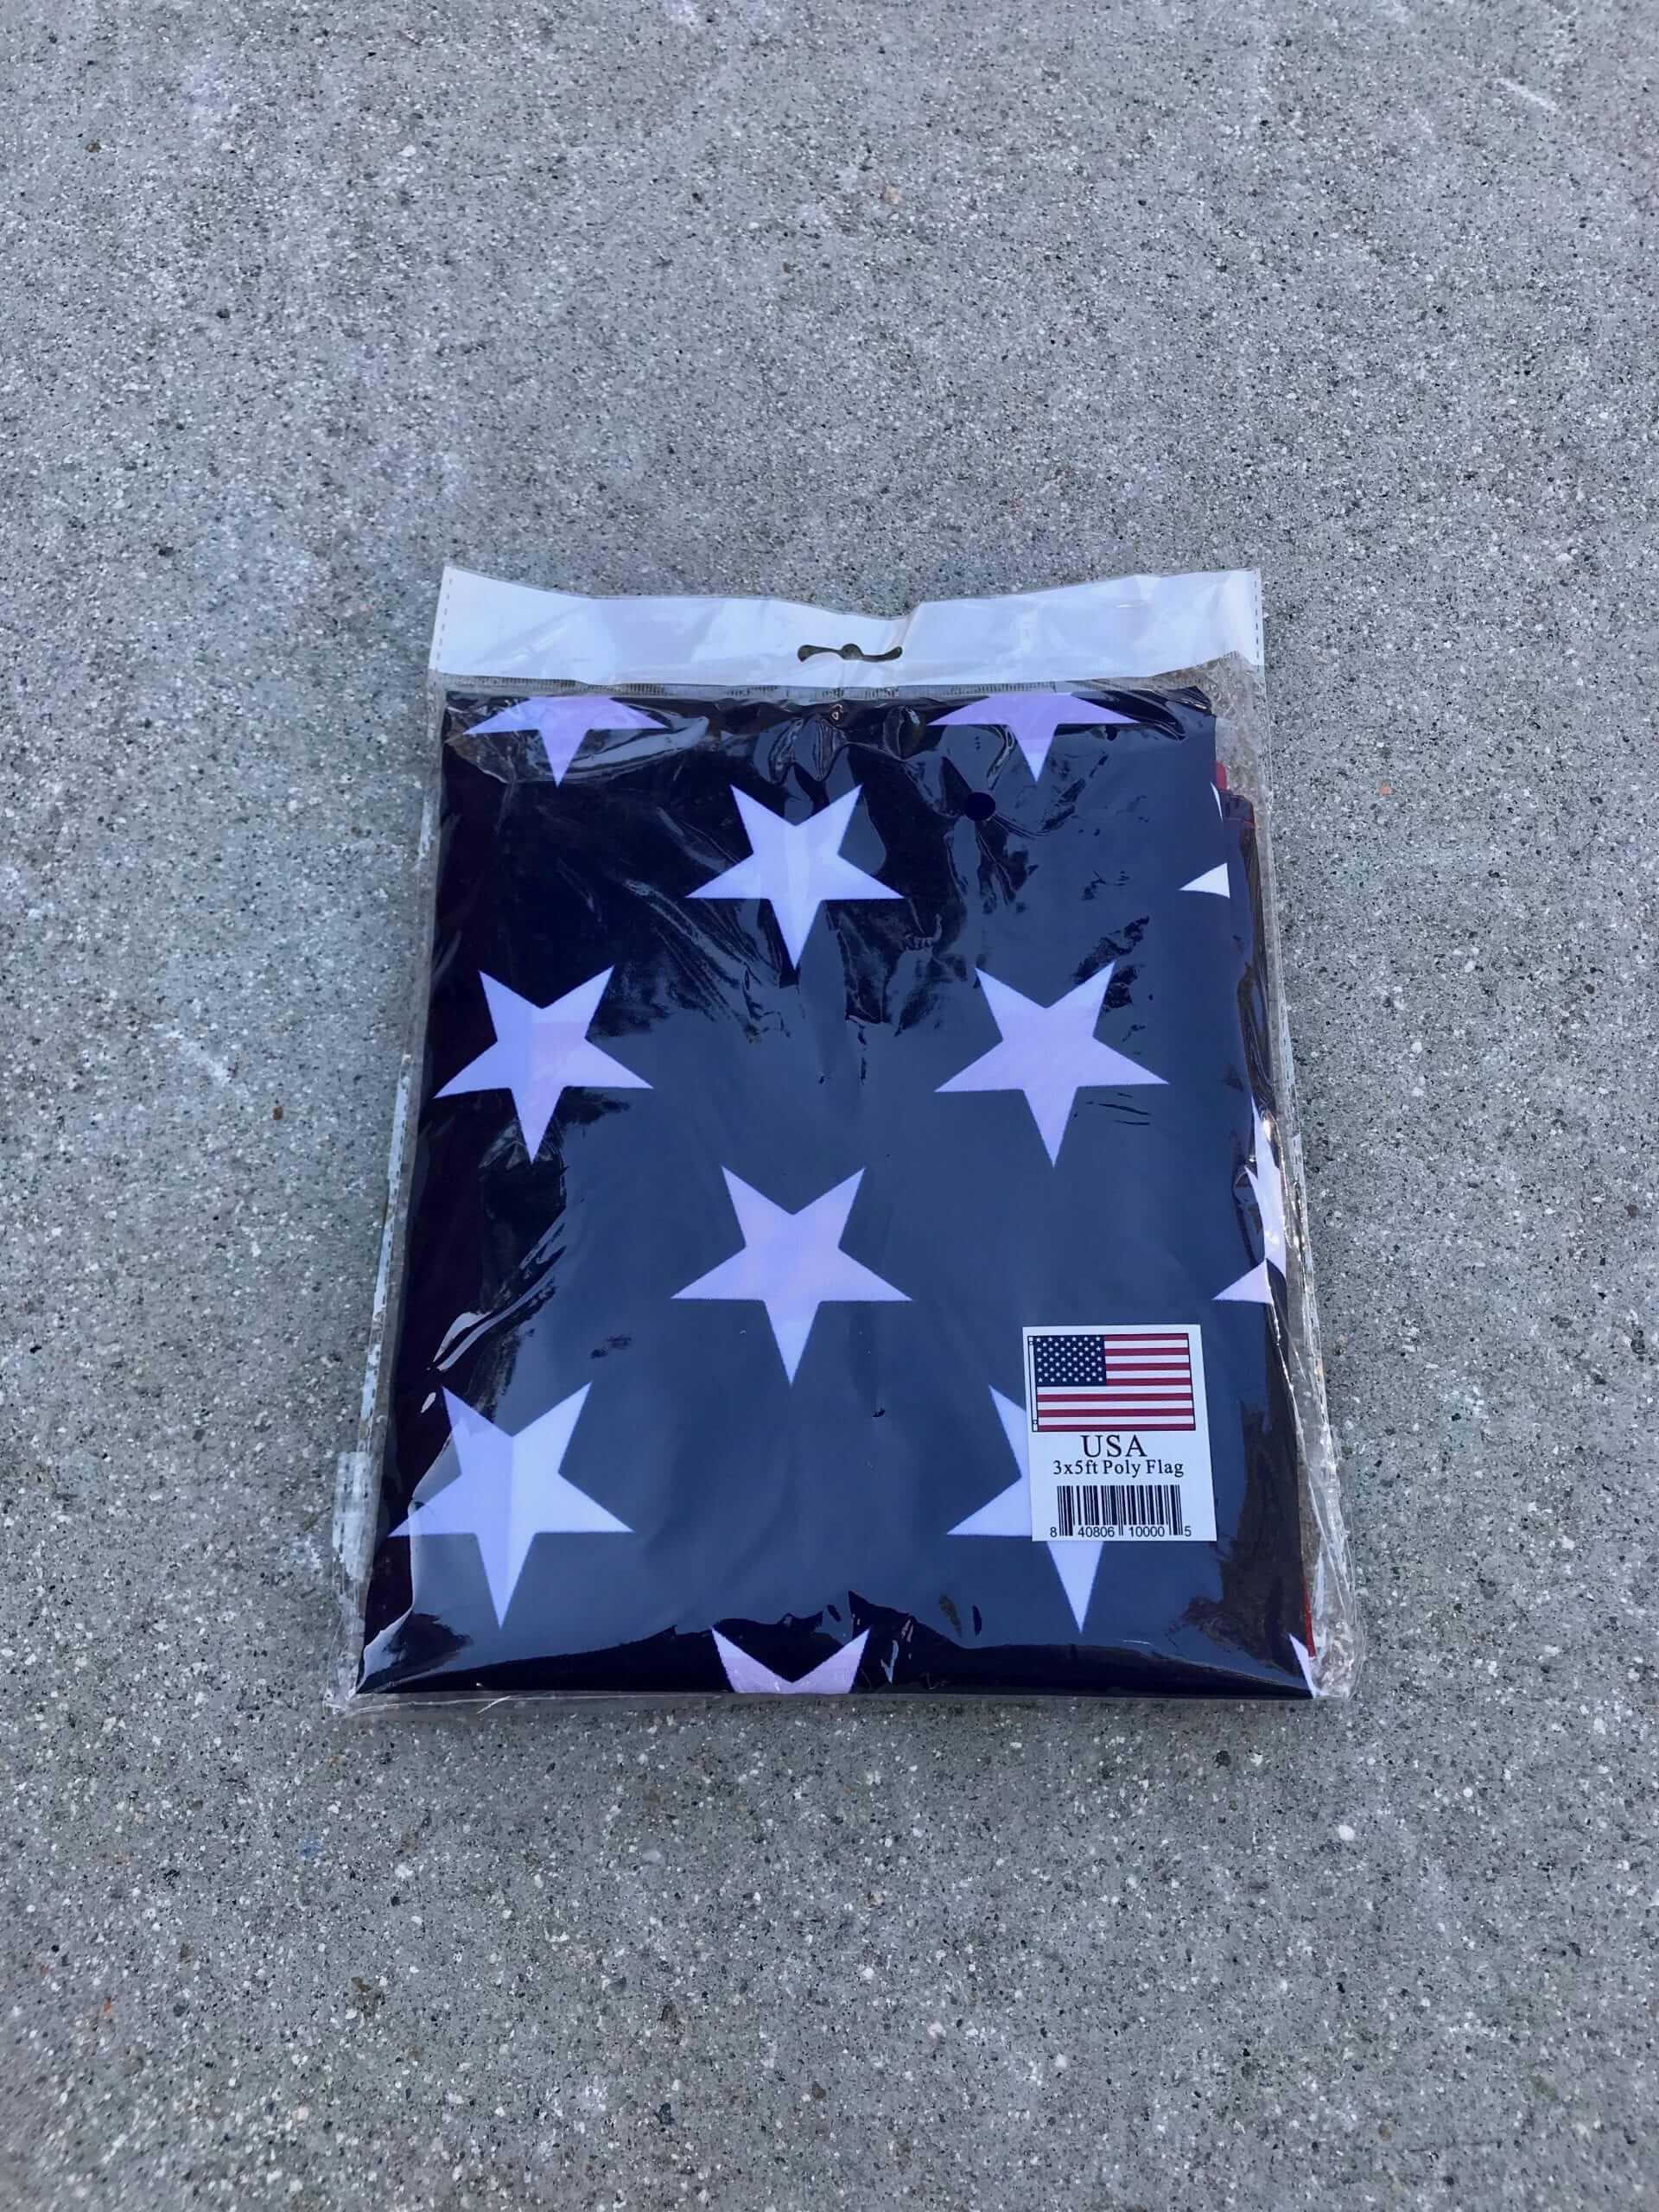 3 x 5 foot USA Flag